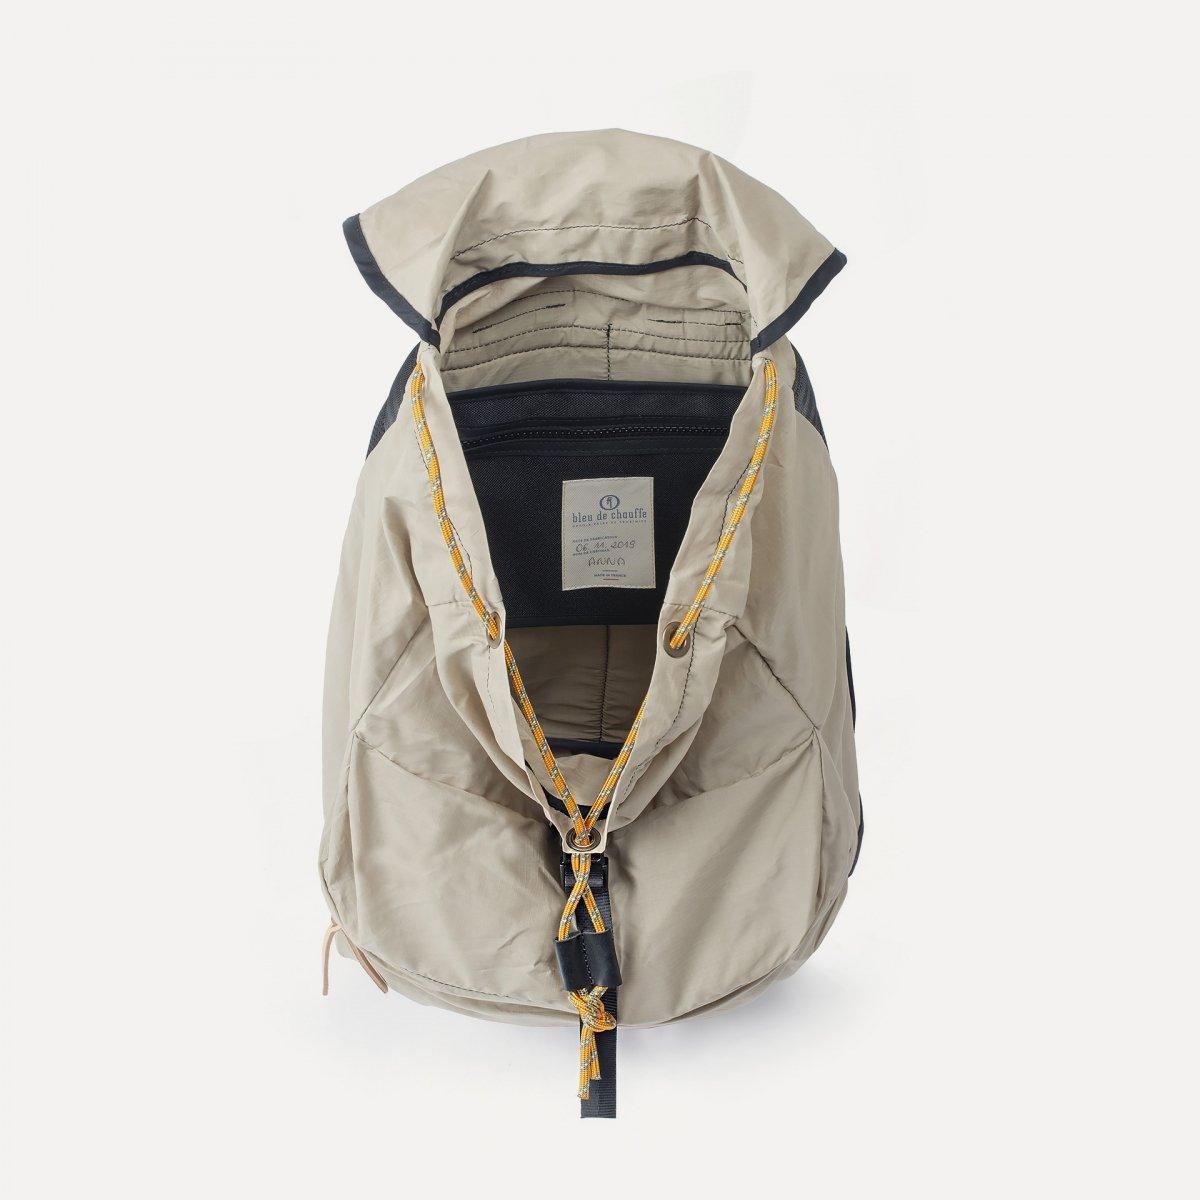 23L Bayou Backpack - Beige (image n°4)